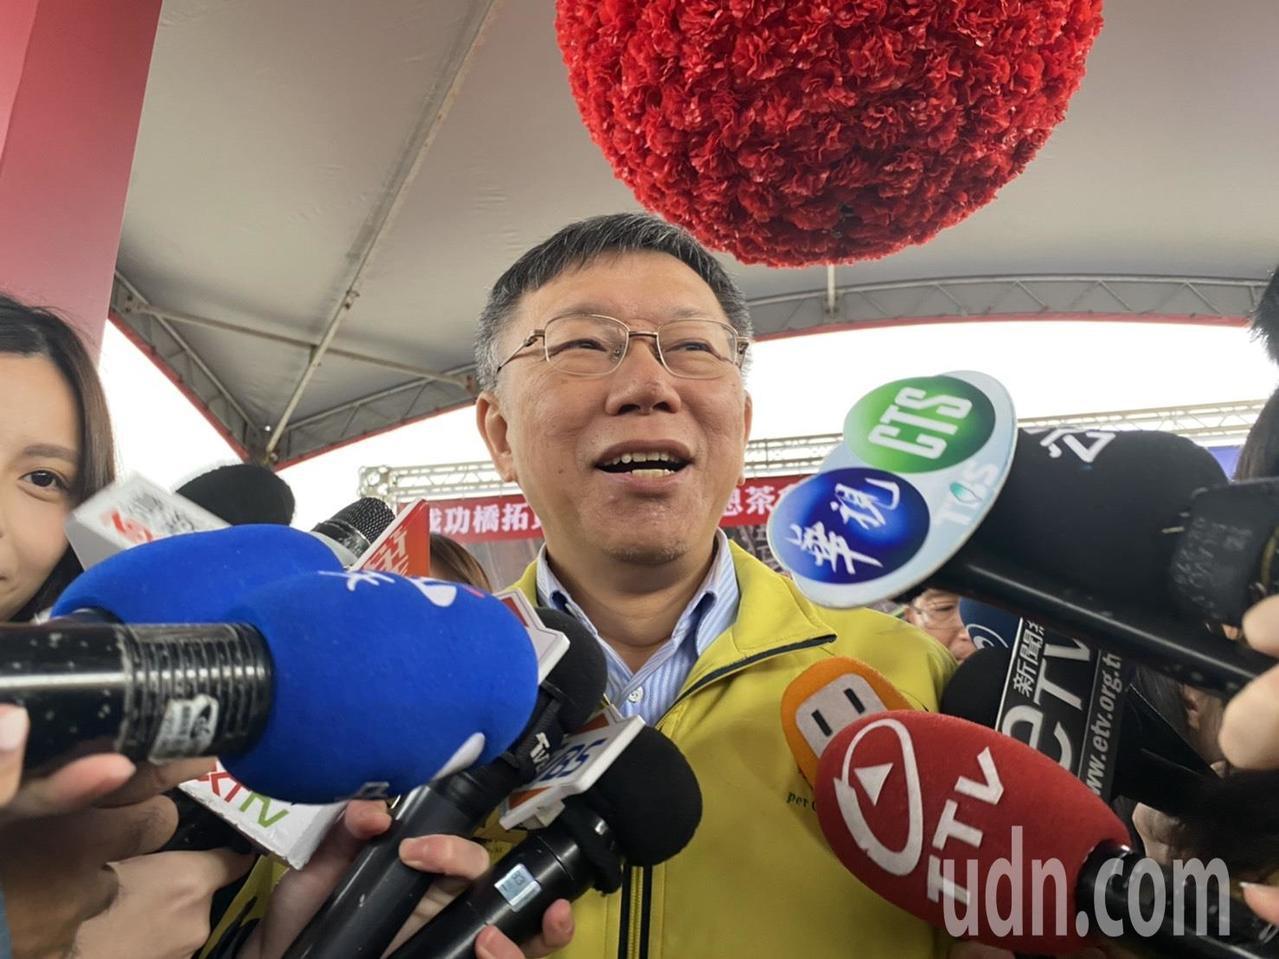 台北市长柯文哲早上出席成功桥拓宽工程竣工茶会,接受媒体联访。记者魏莨伊/摄影